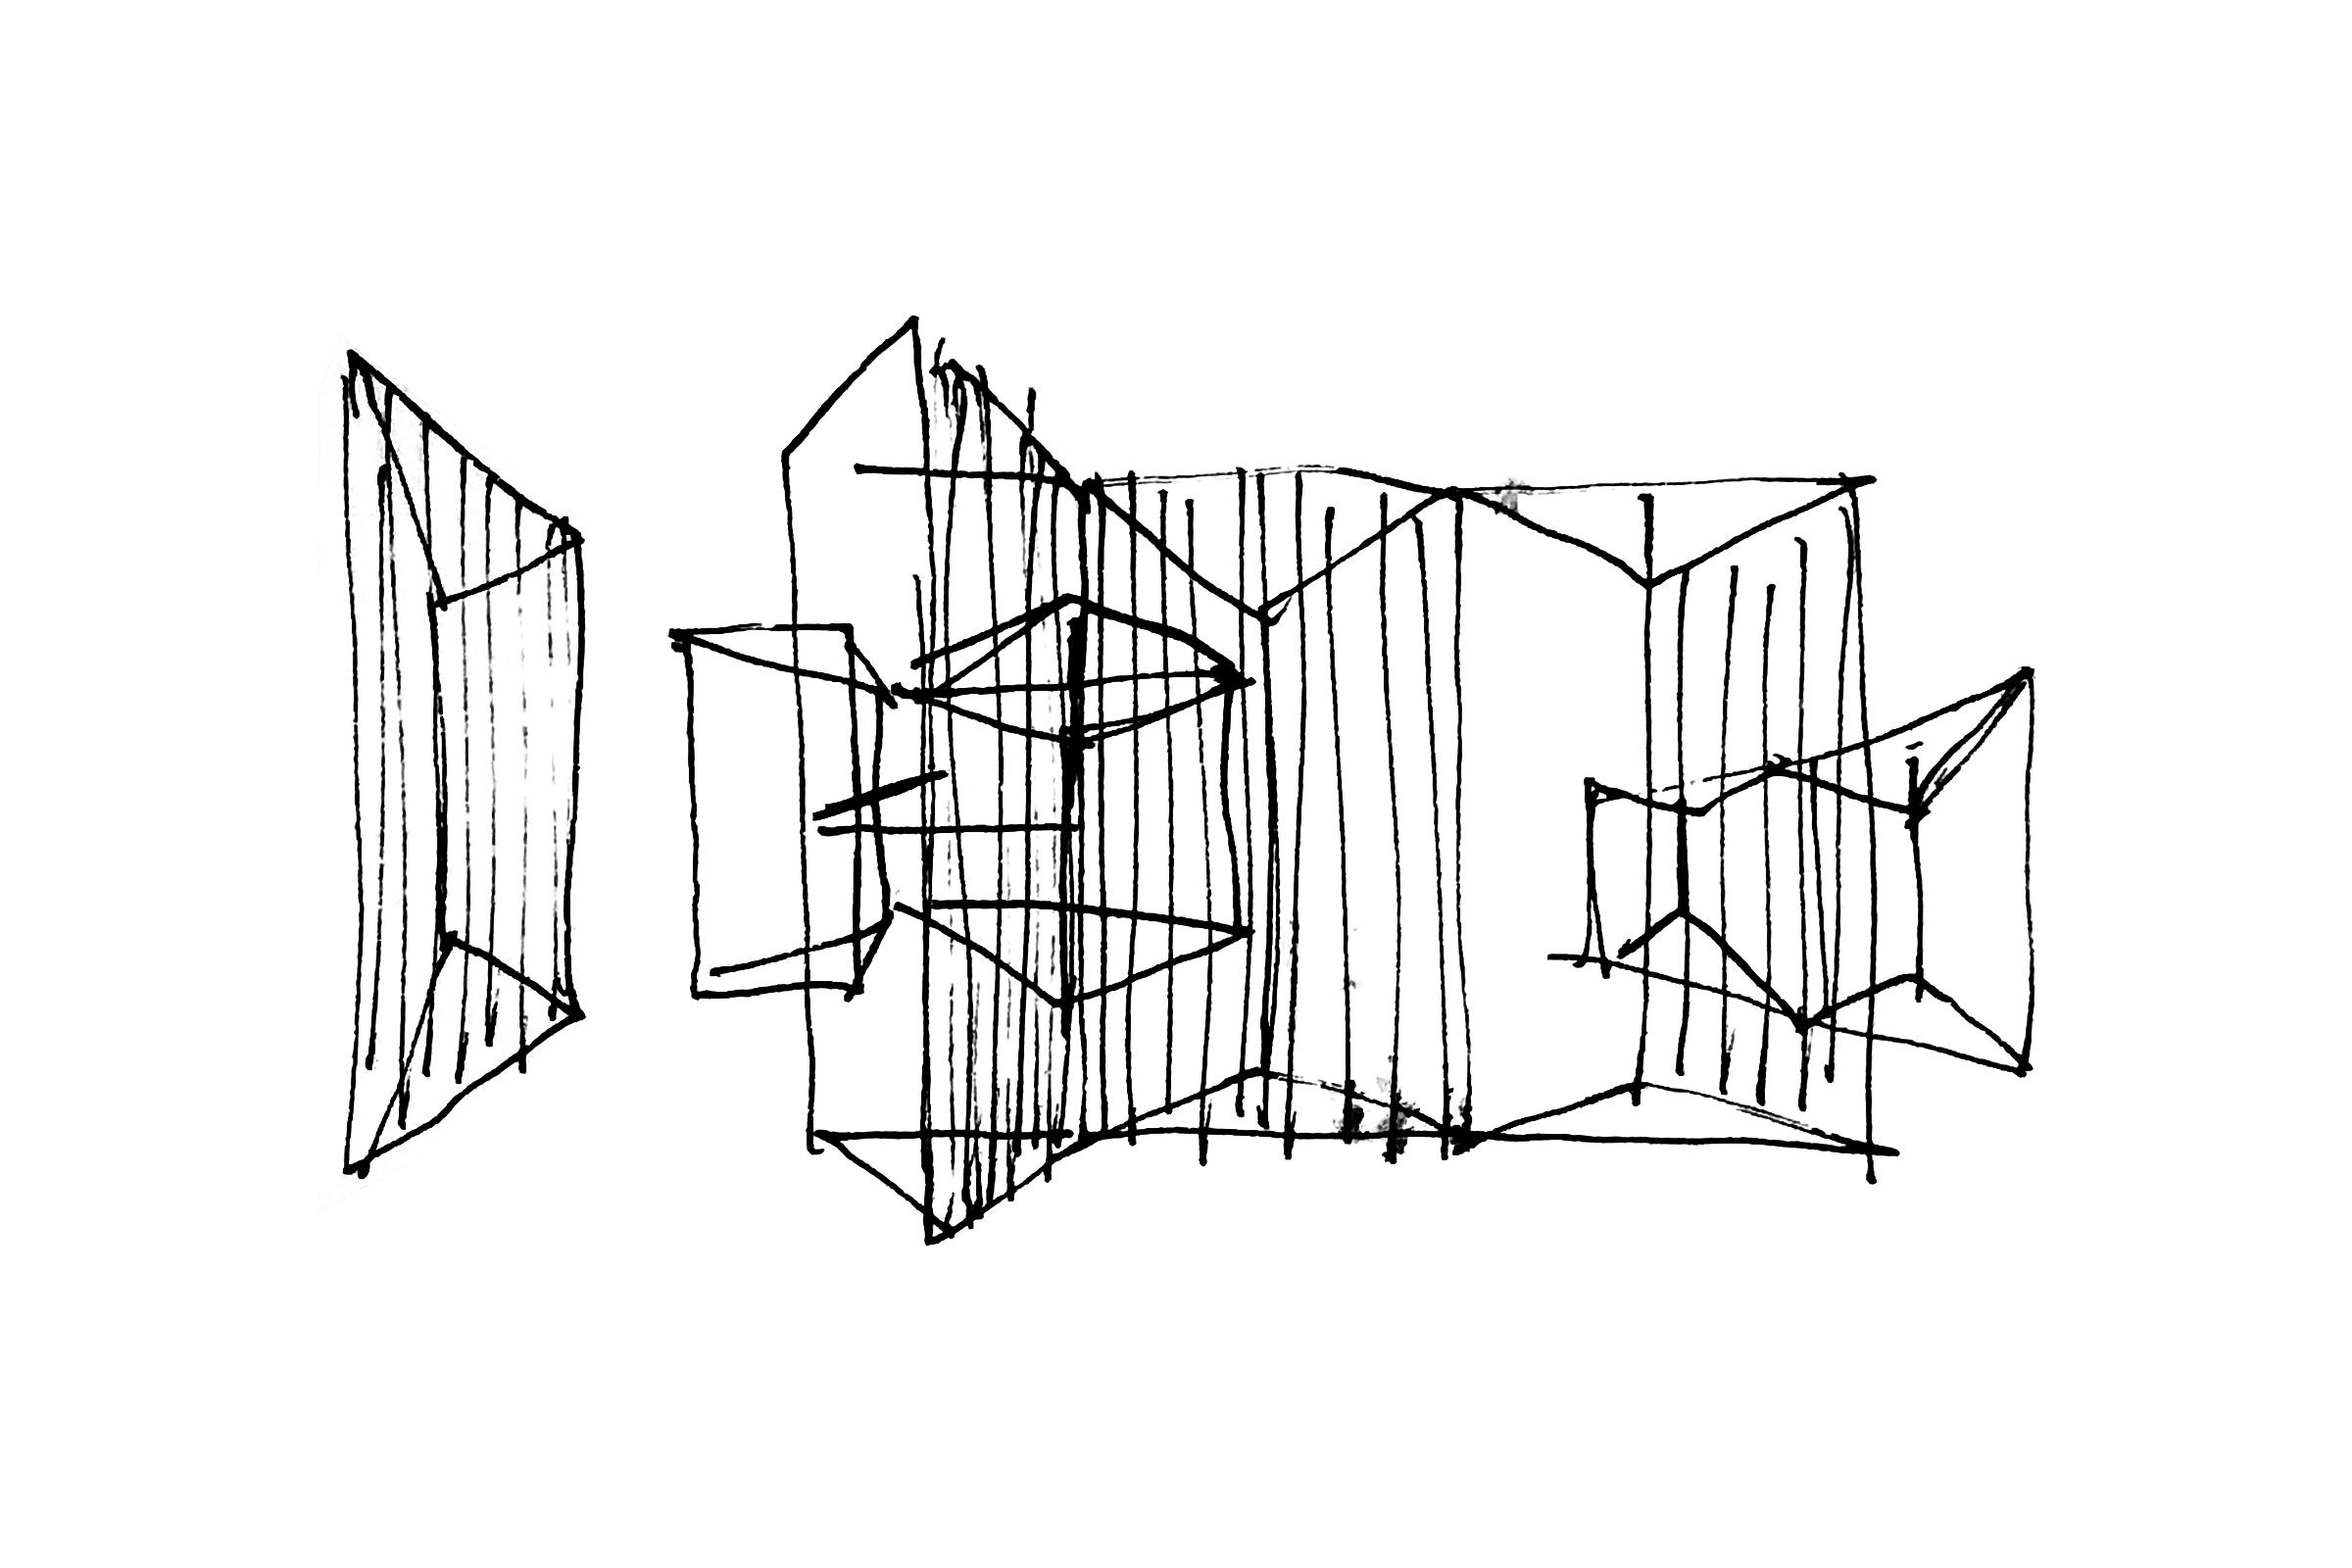 Josef Albers Exhibition. Preliminary sketch